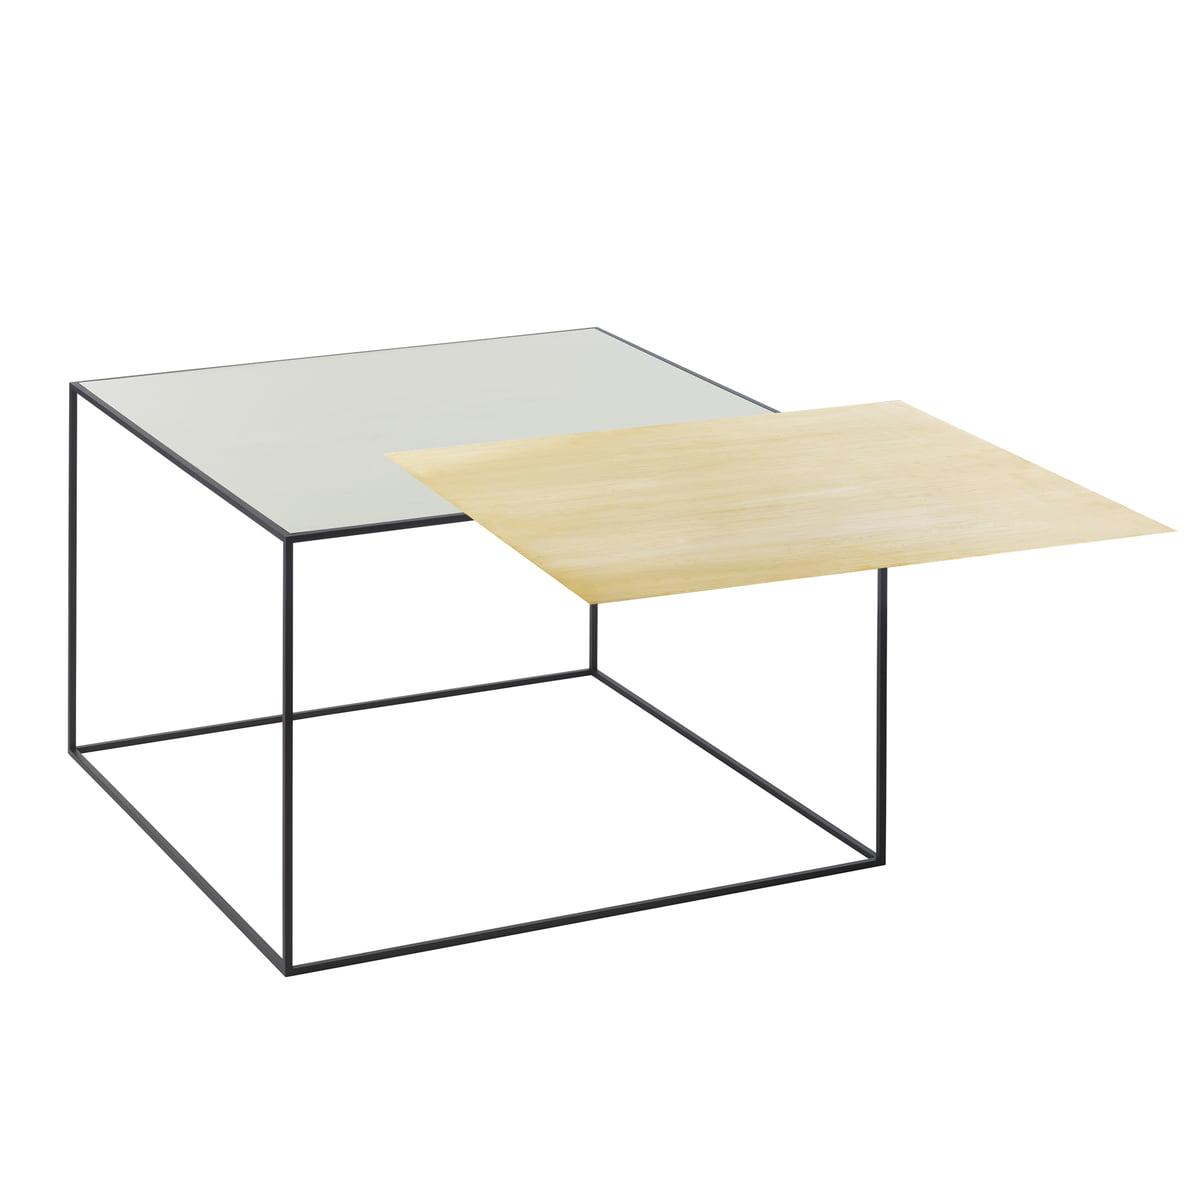 stahlrahmen Beistelltische online kaufen   Möbel-Suchmaschine ...